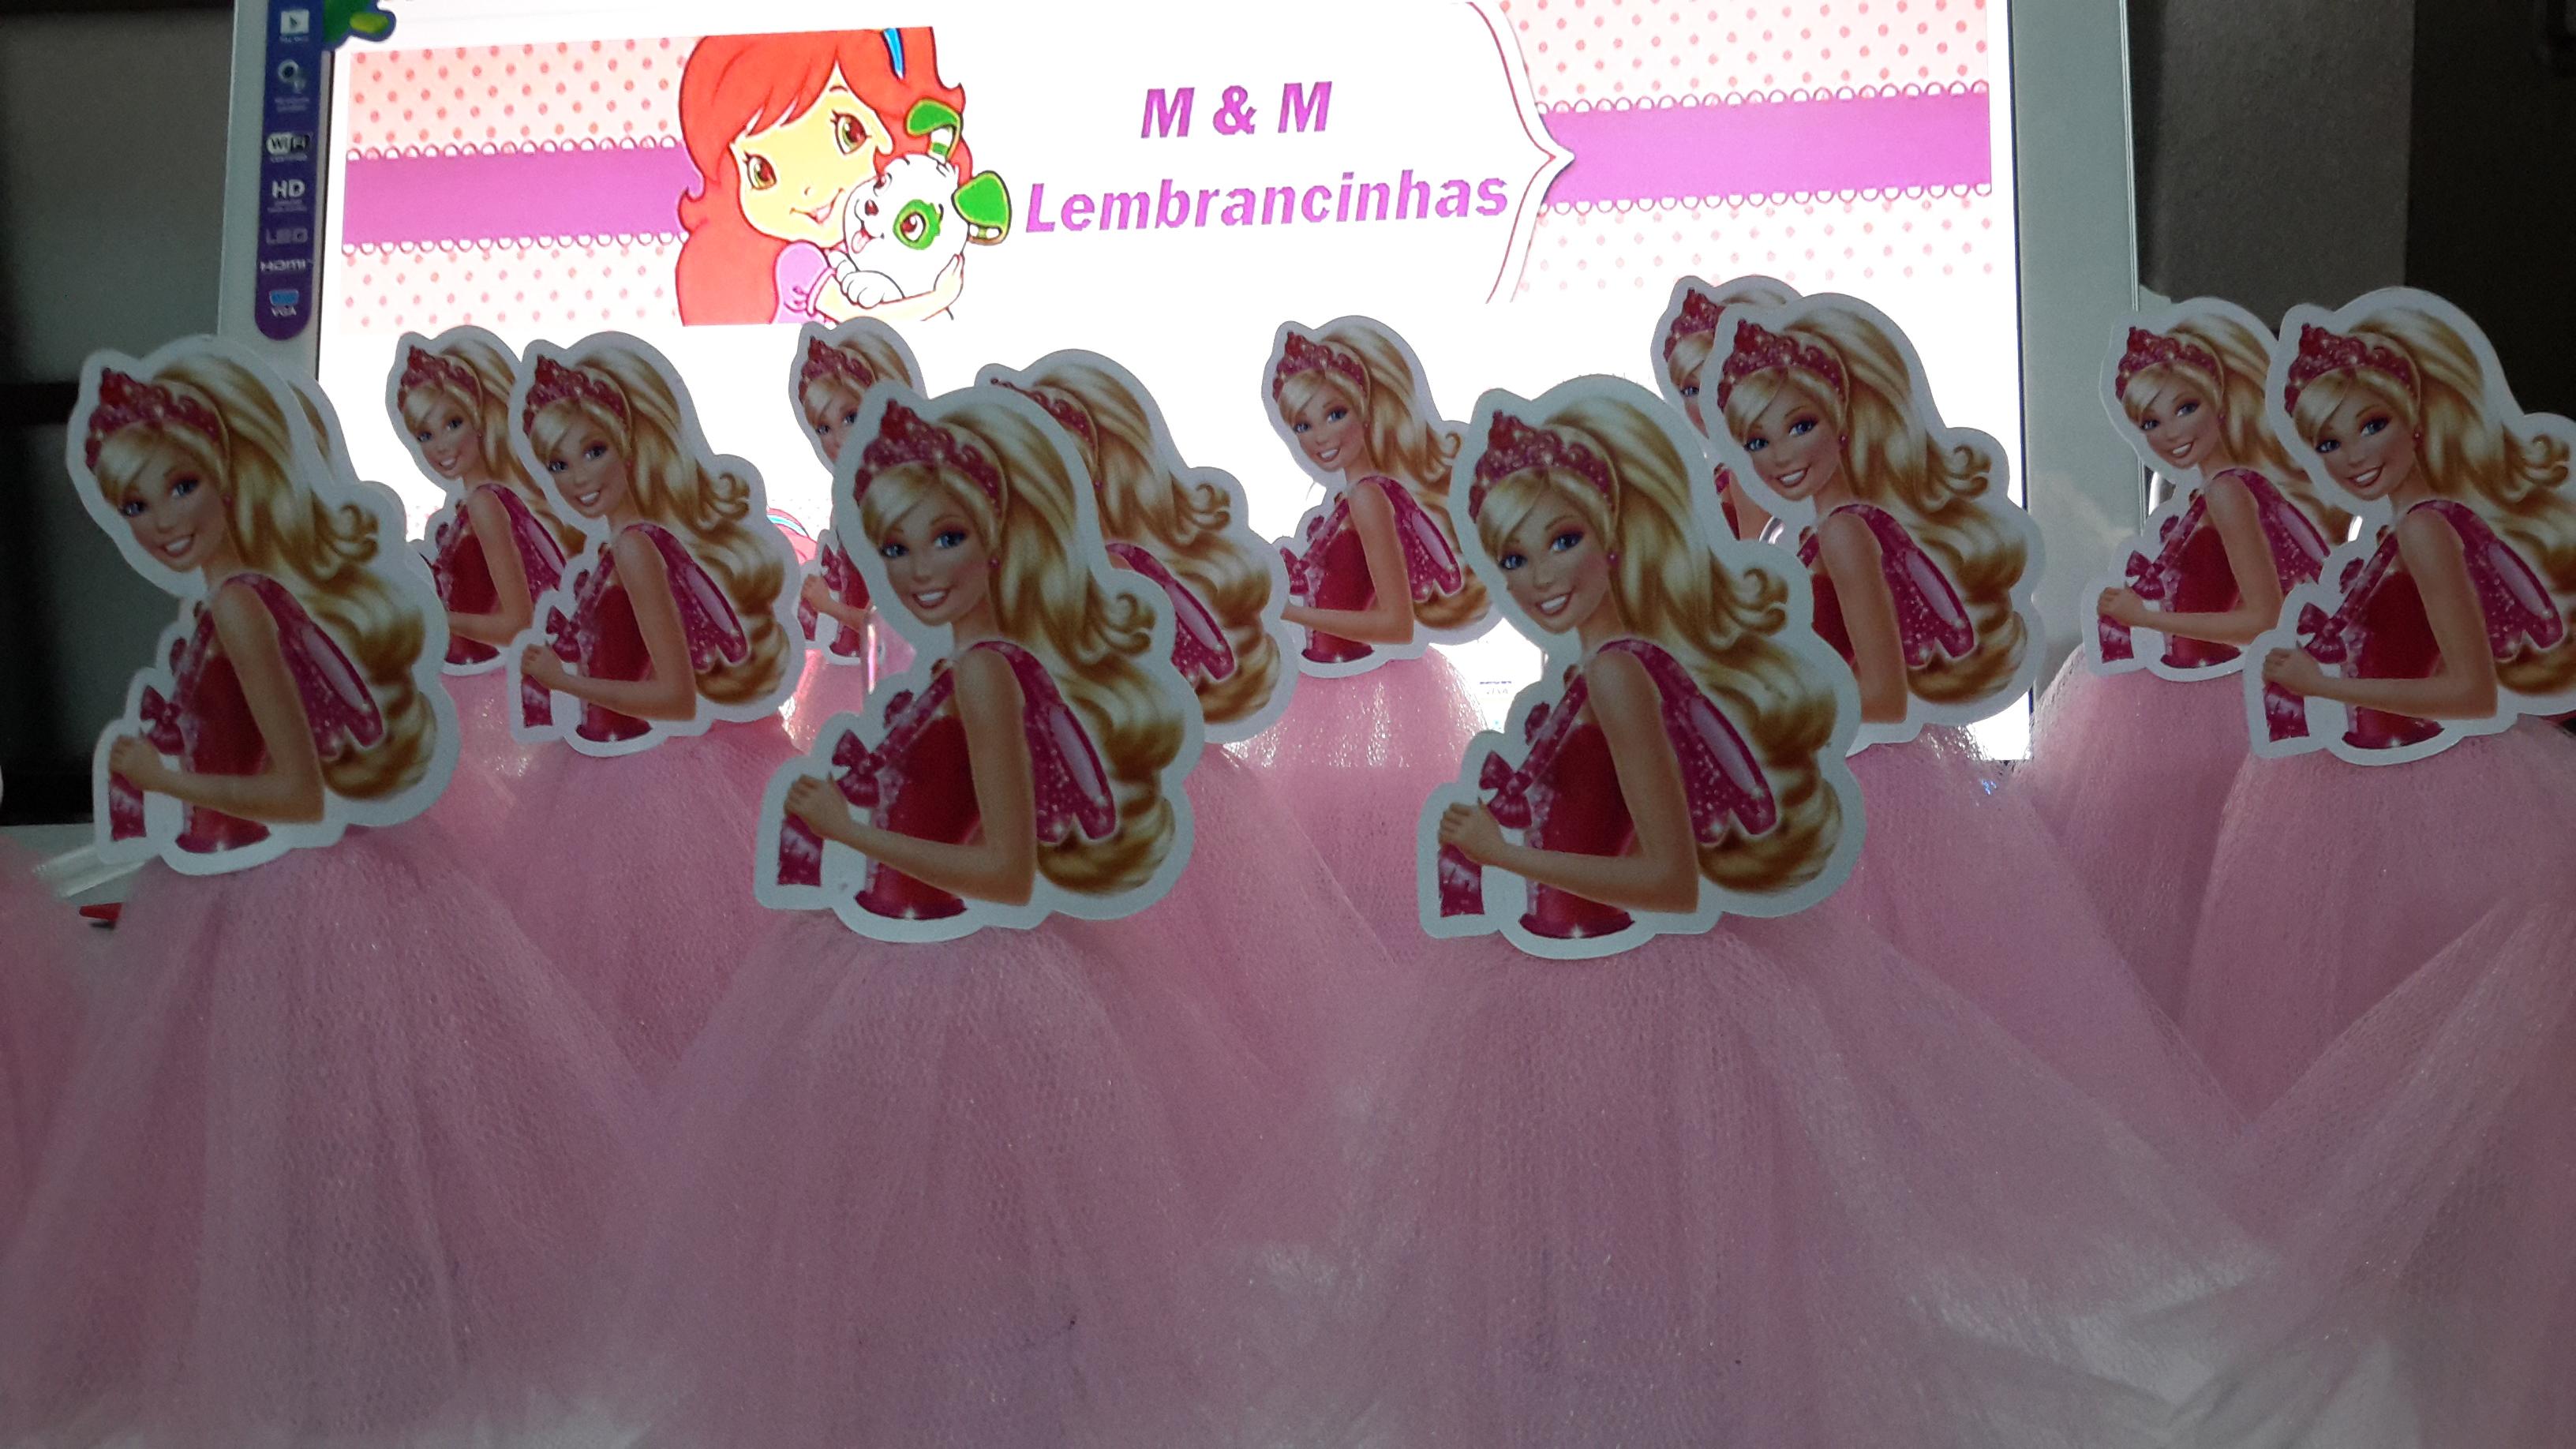 Tubetes decorados Barbie Sapatinhas Mag M&M Lembrancinhas Elo7 #C42207 3264x1836 Banheiro Da Barbie Para Comprar